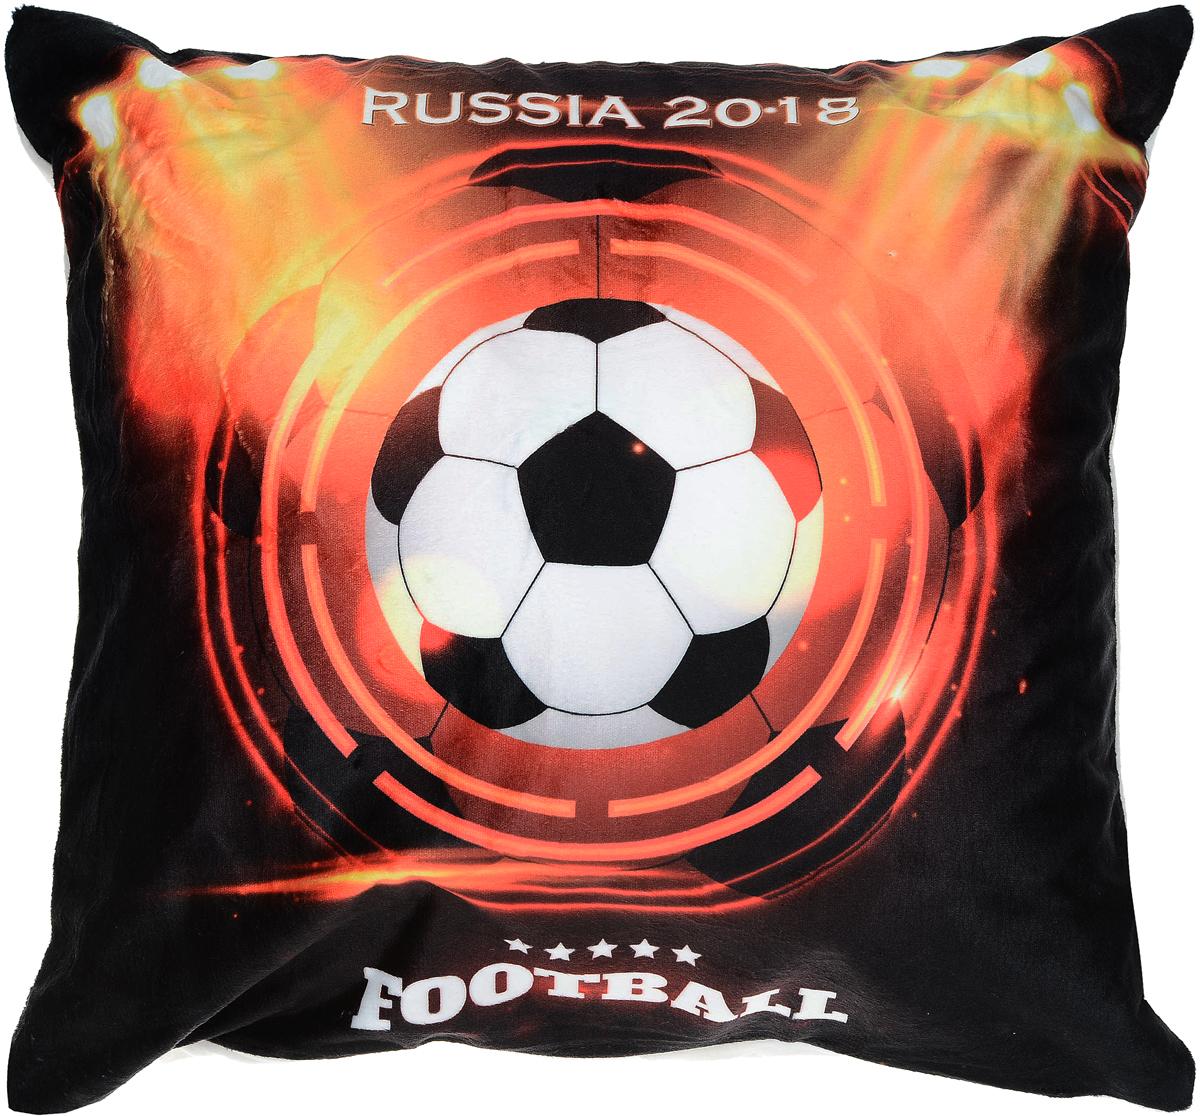 Подушка декоративная Led Russia 2018, со светодиодами, 40 х 40 см. 175062 подушка декоративная home queen 40 х 40 см